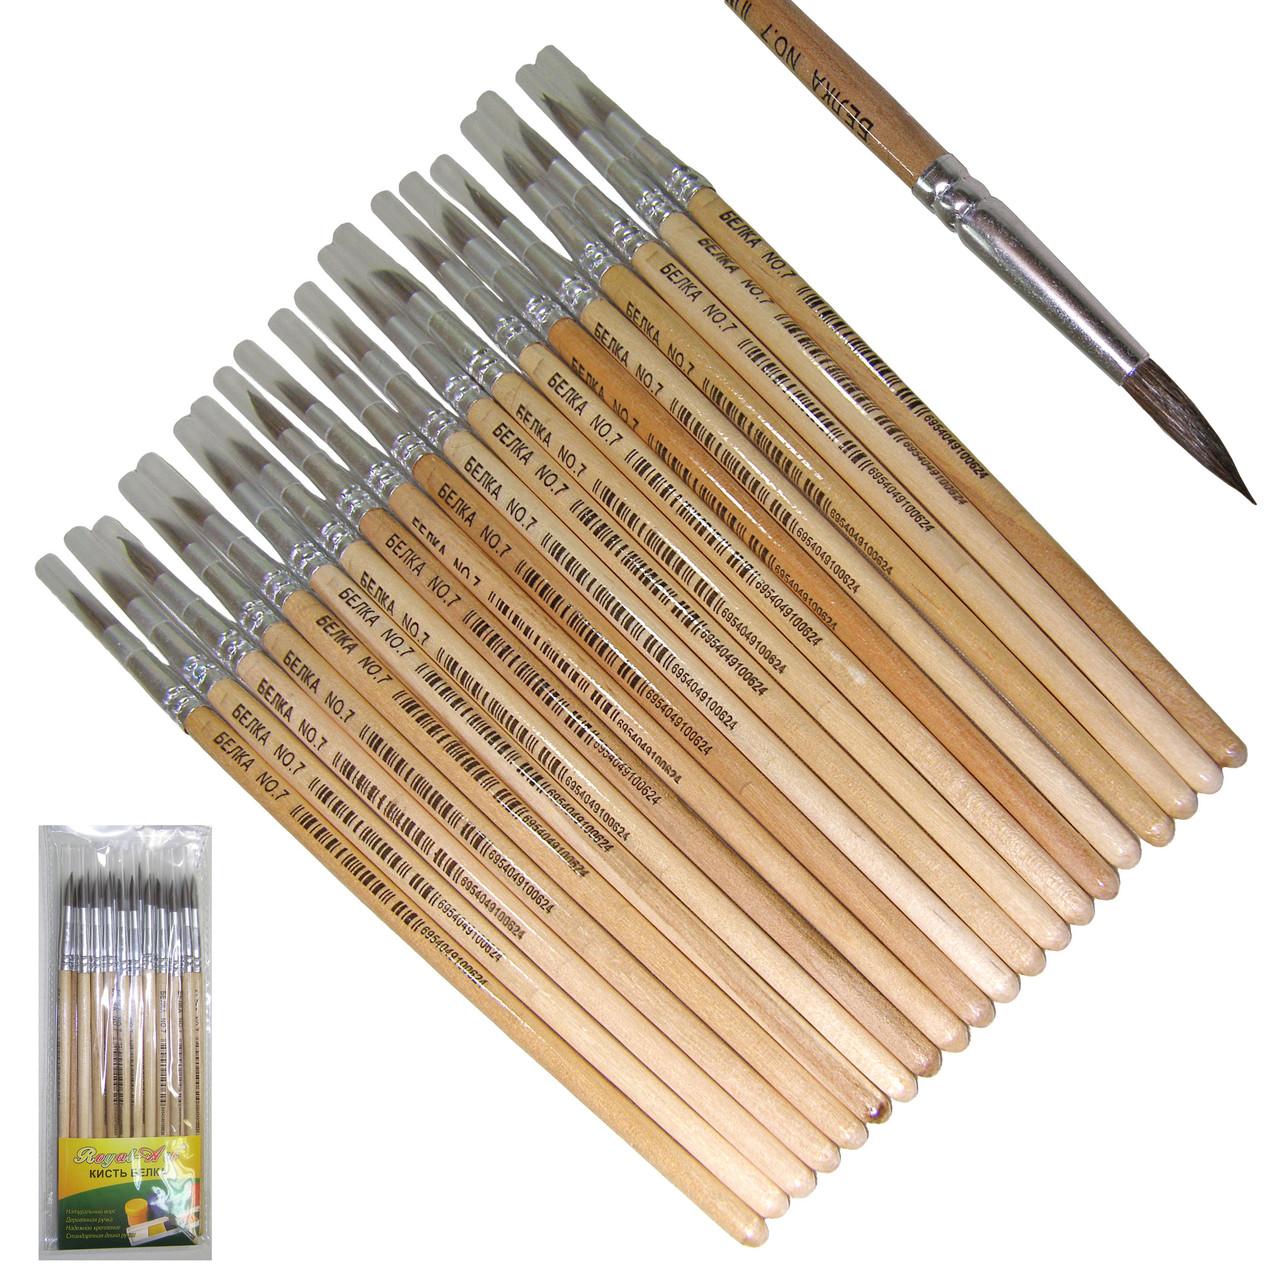 Кисти - 1 размер БЕЛКА №07, RA-7667 , 20 шт., круглая, натуральный ворс, деревянная ручка